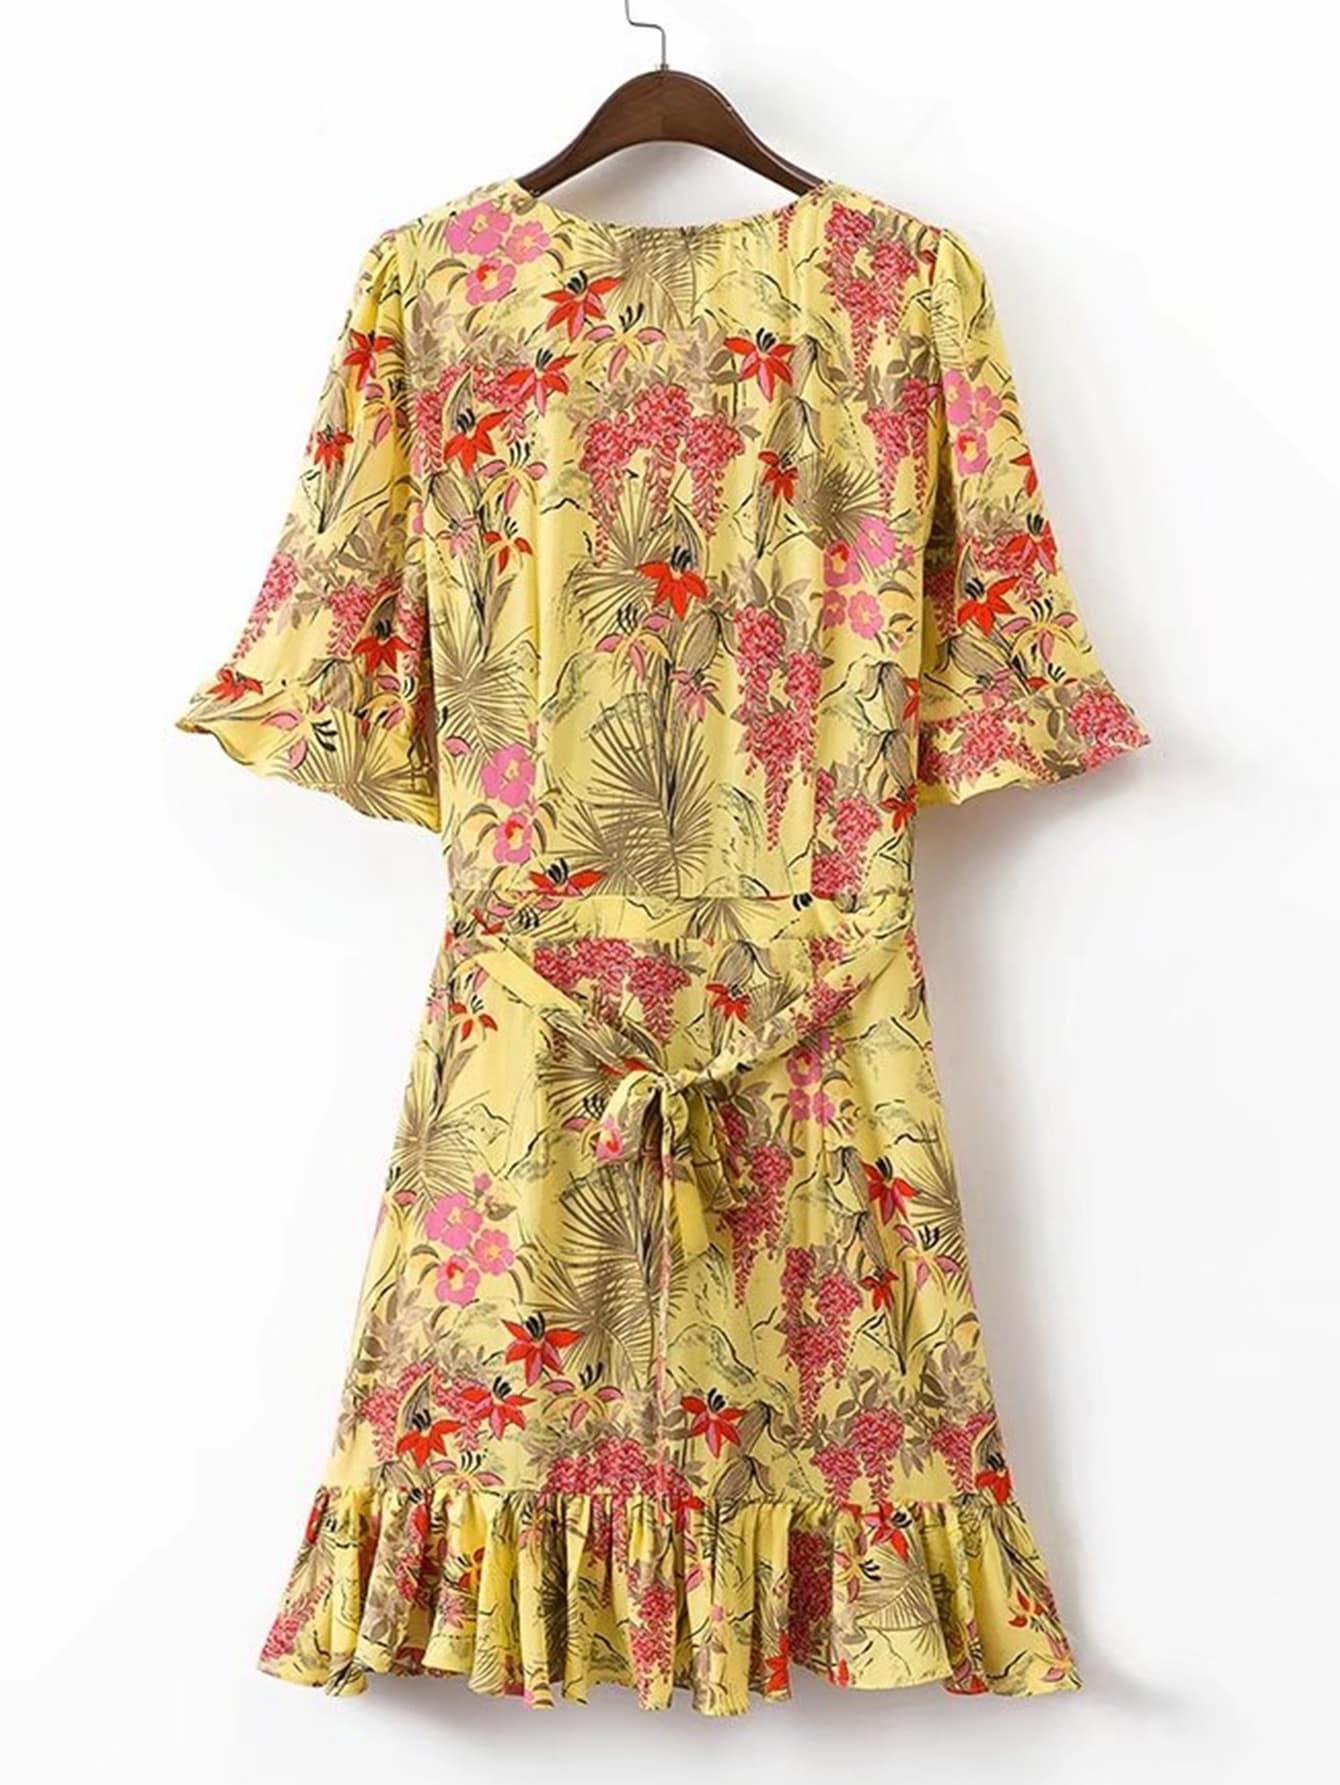 dress170516203_2